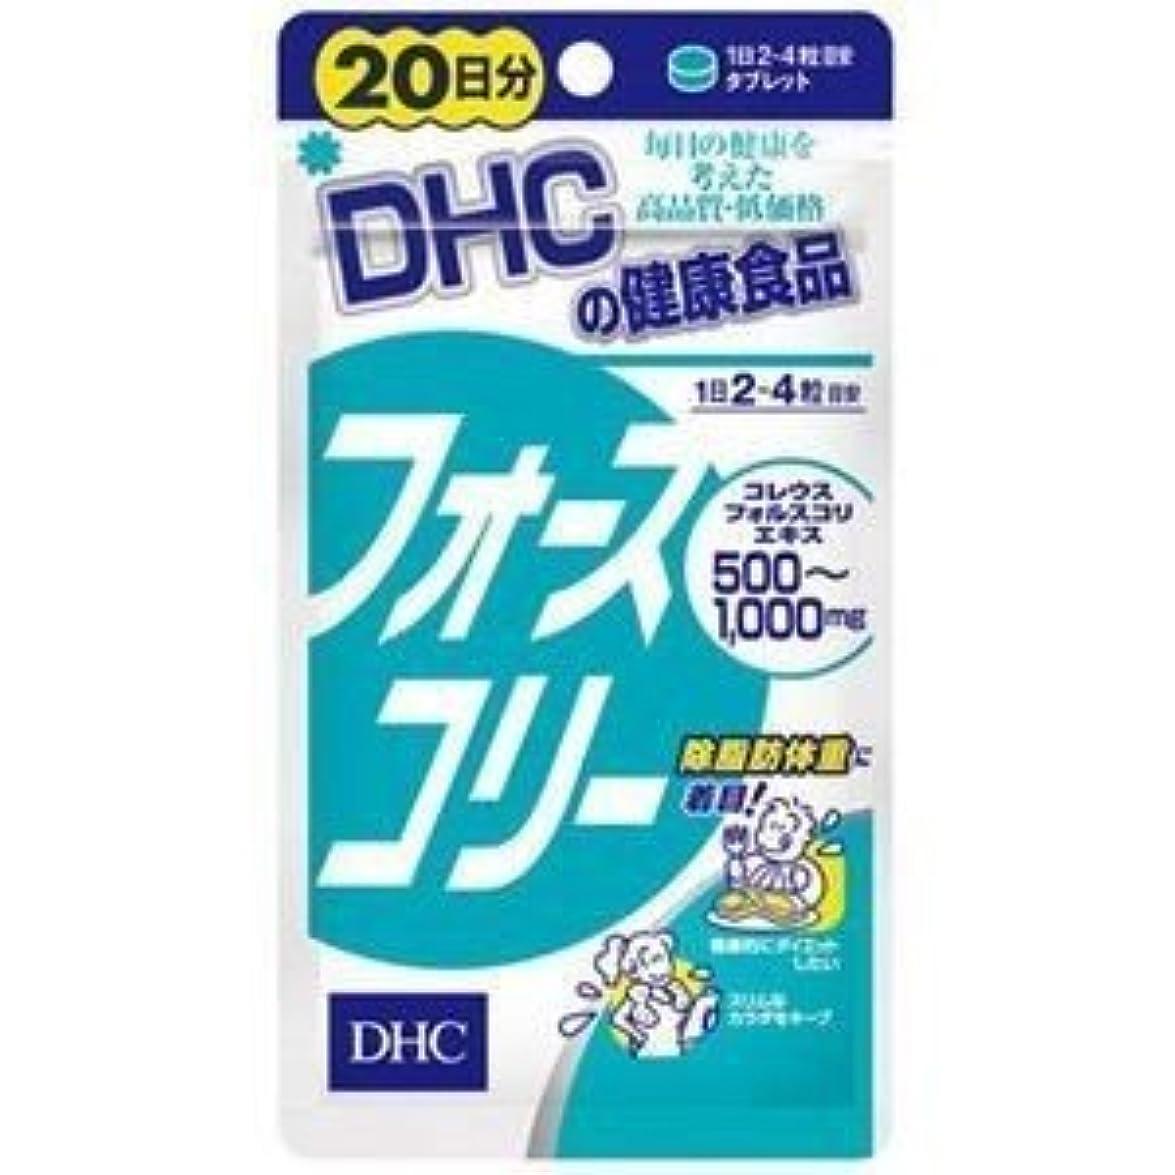 急性ジョブ女性DHC フォースコリー 20日分 80粒